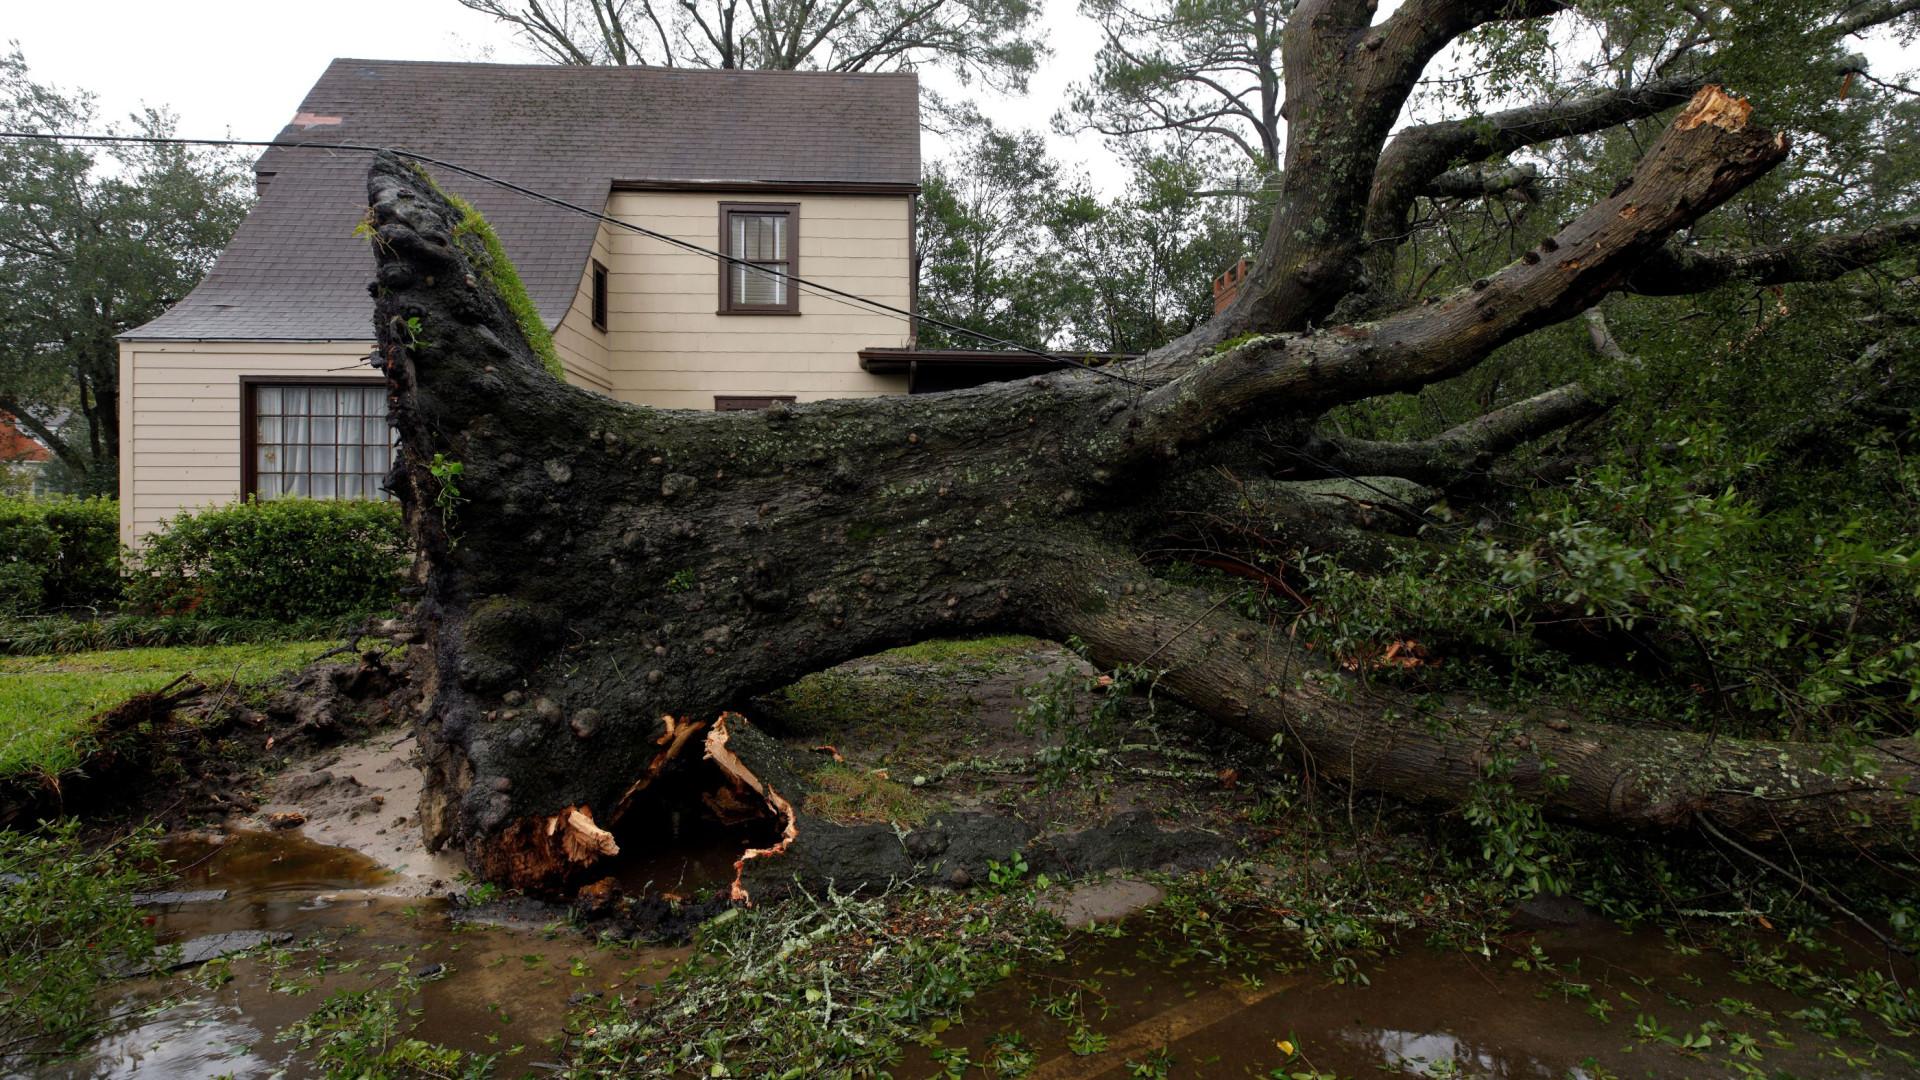 Florence passou de furacão a tempestade tropical